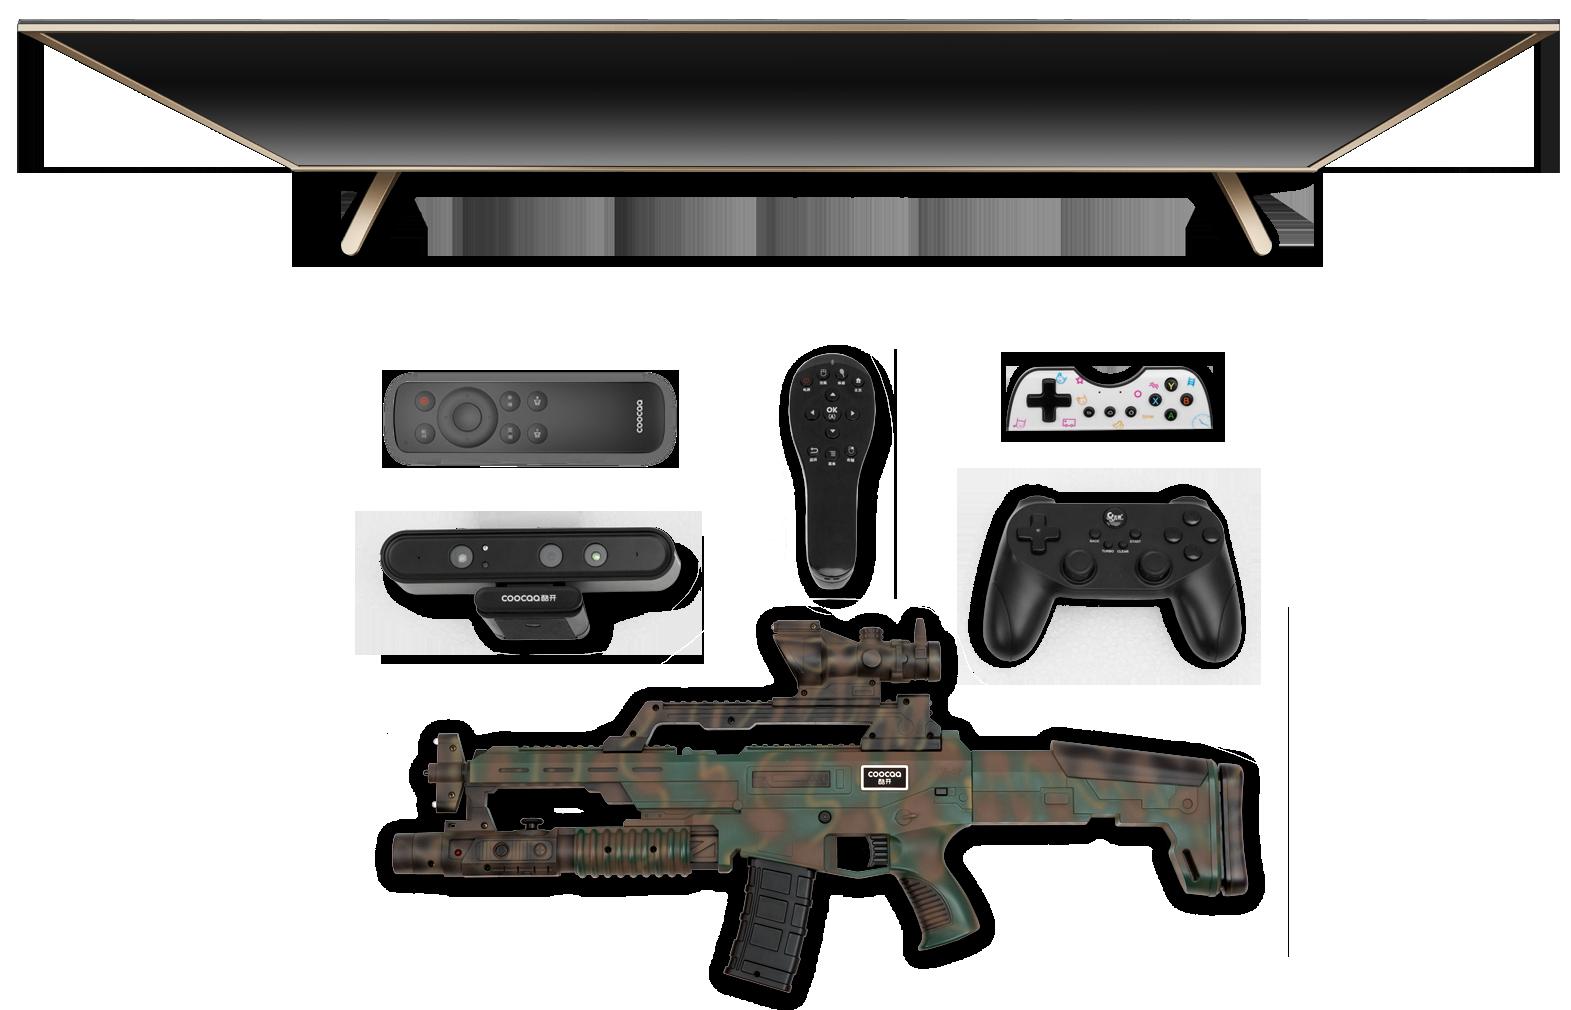 装备-酷开65U2游戏电视概述